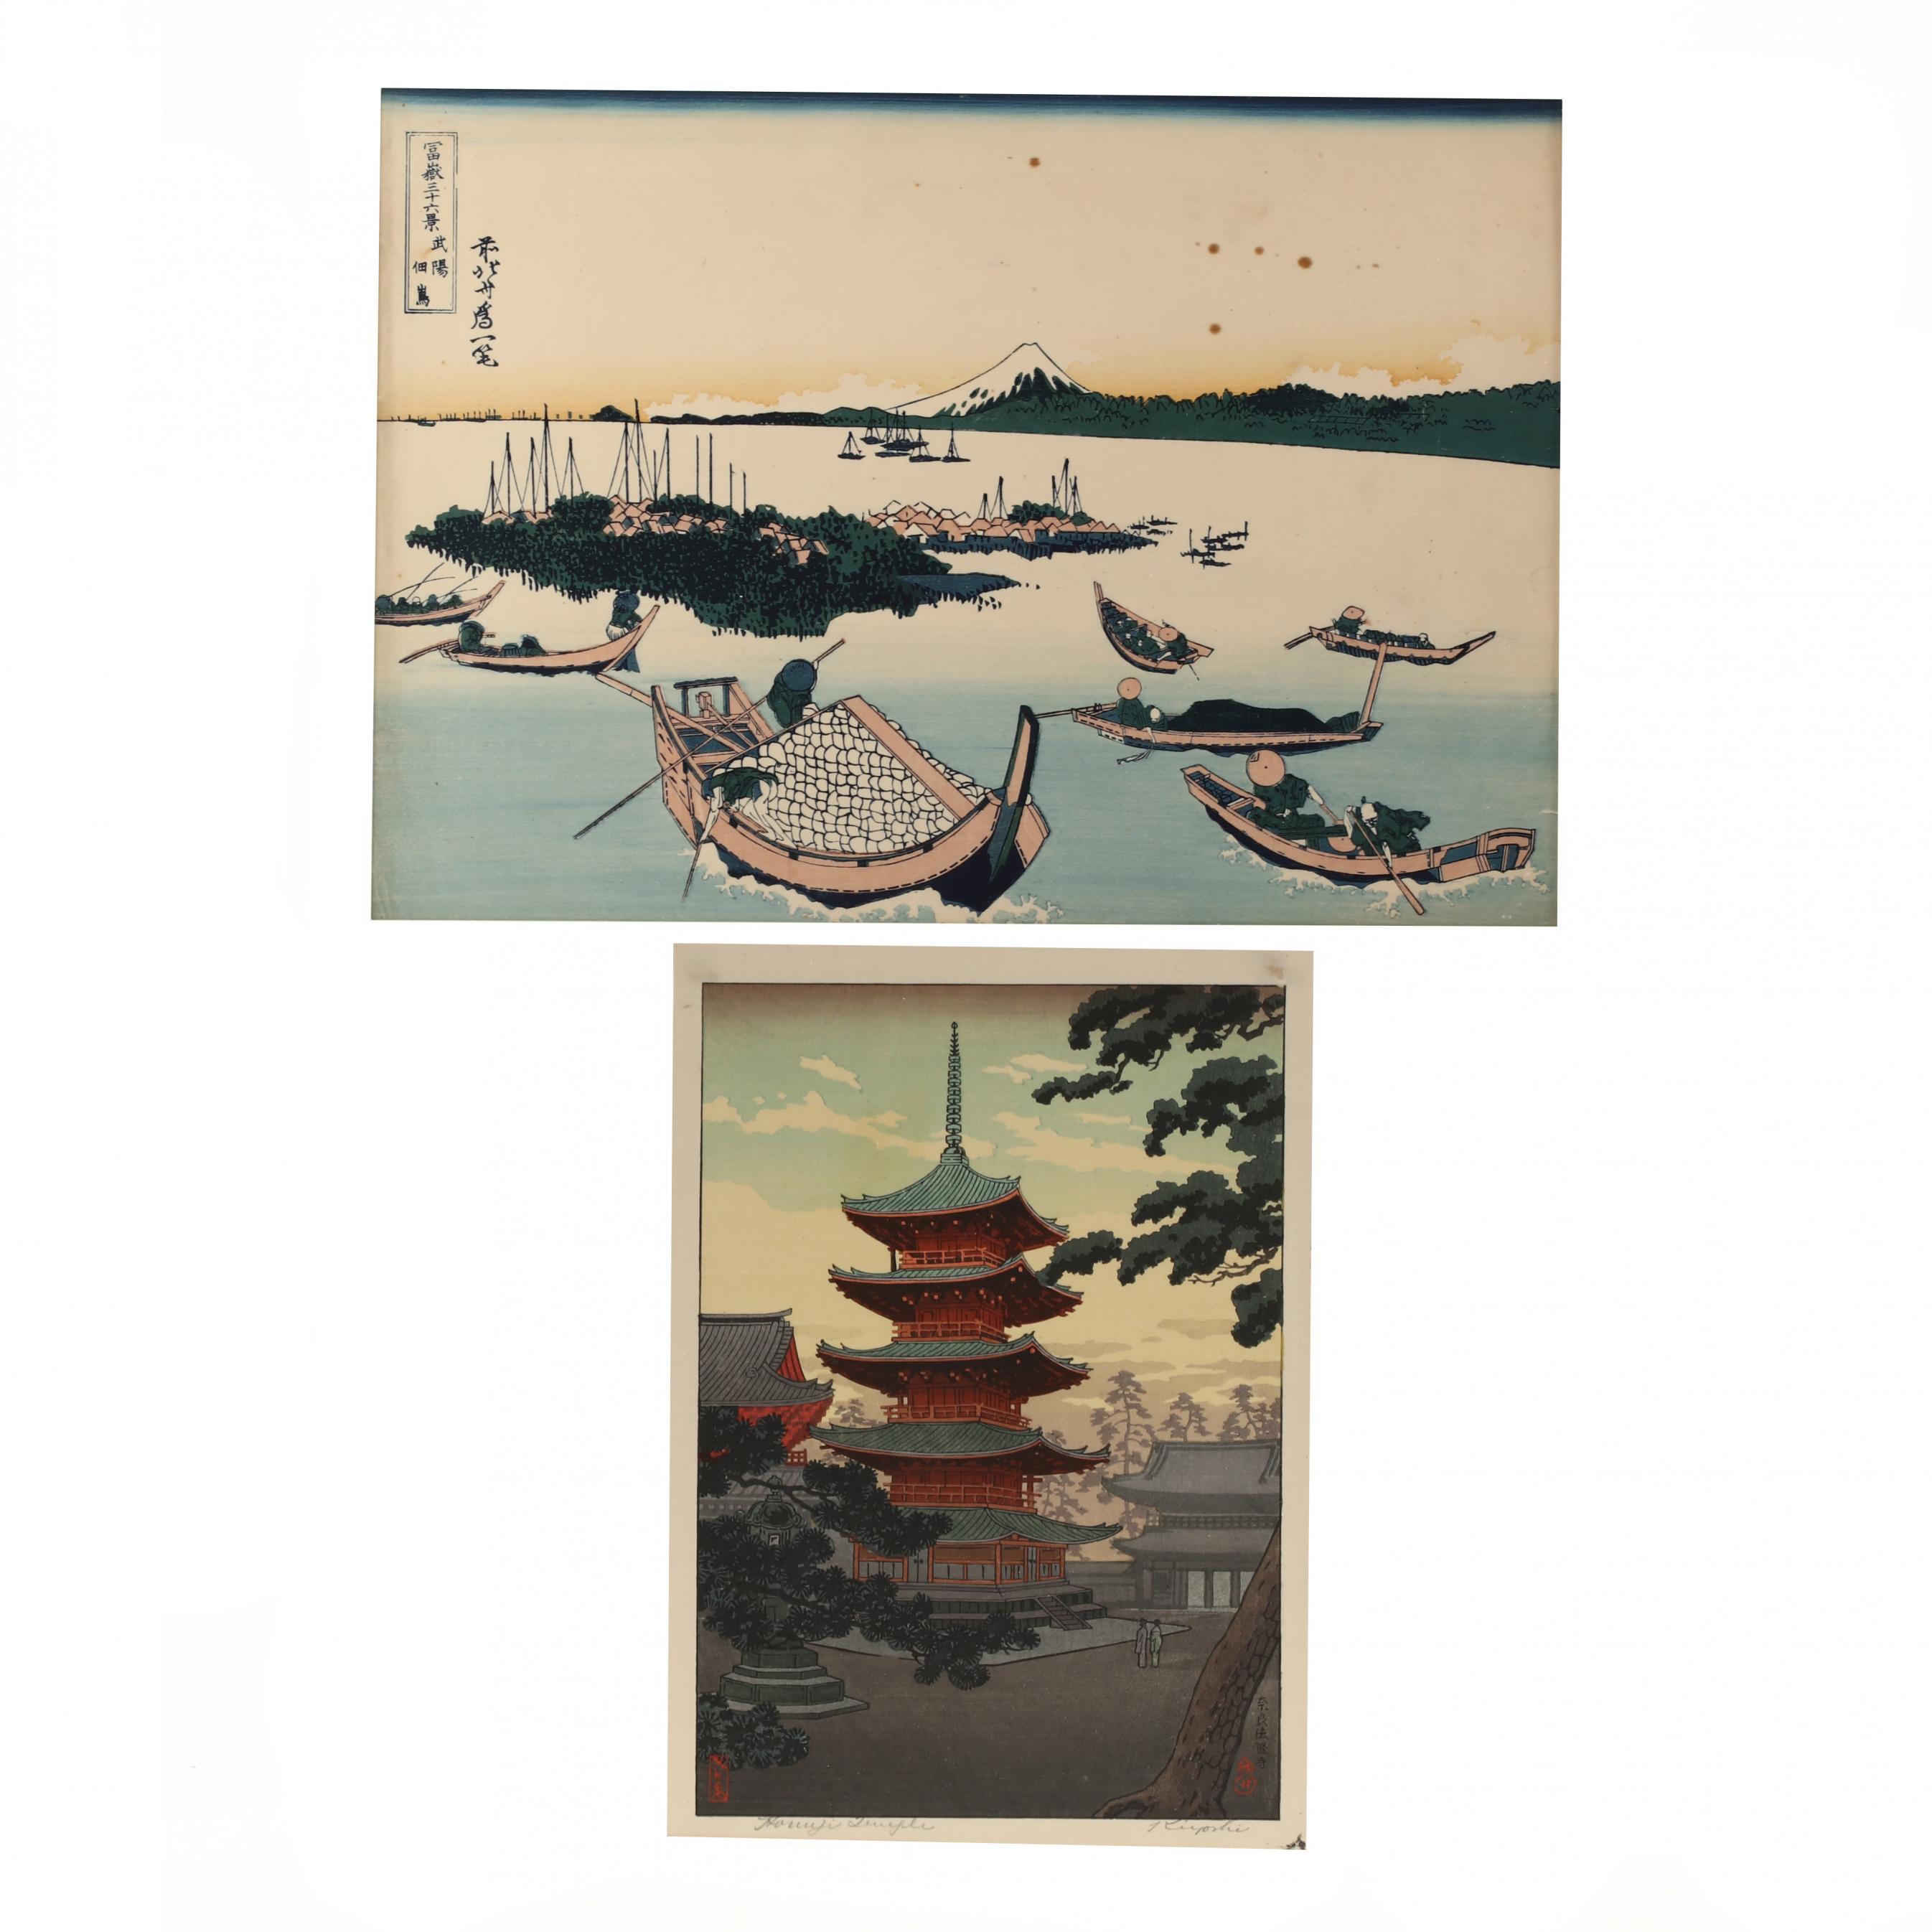 japanese-woodblock-prints-by-katsushika-hokusai-and-tsuchiya-koitsu